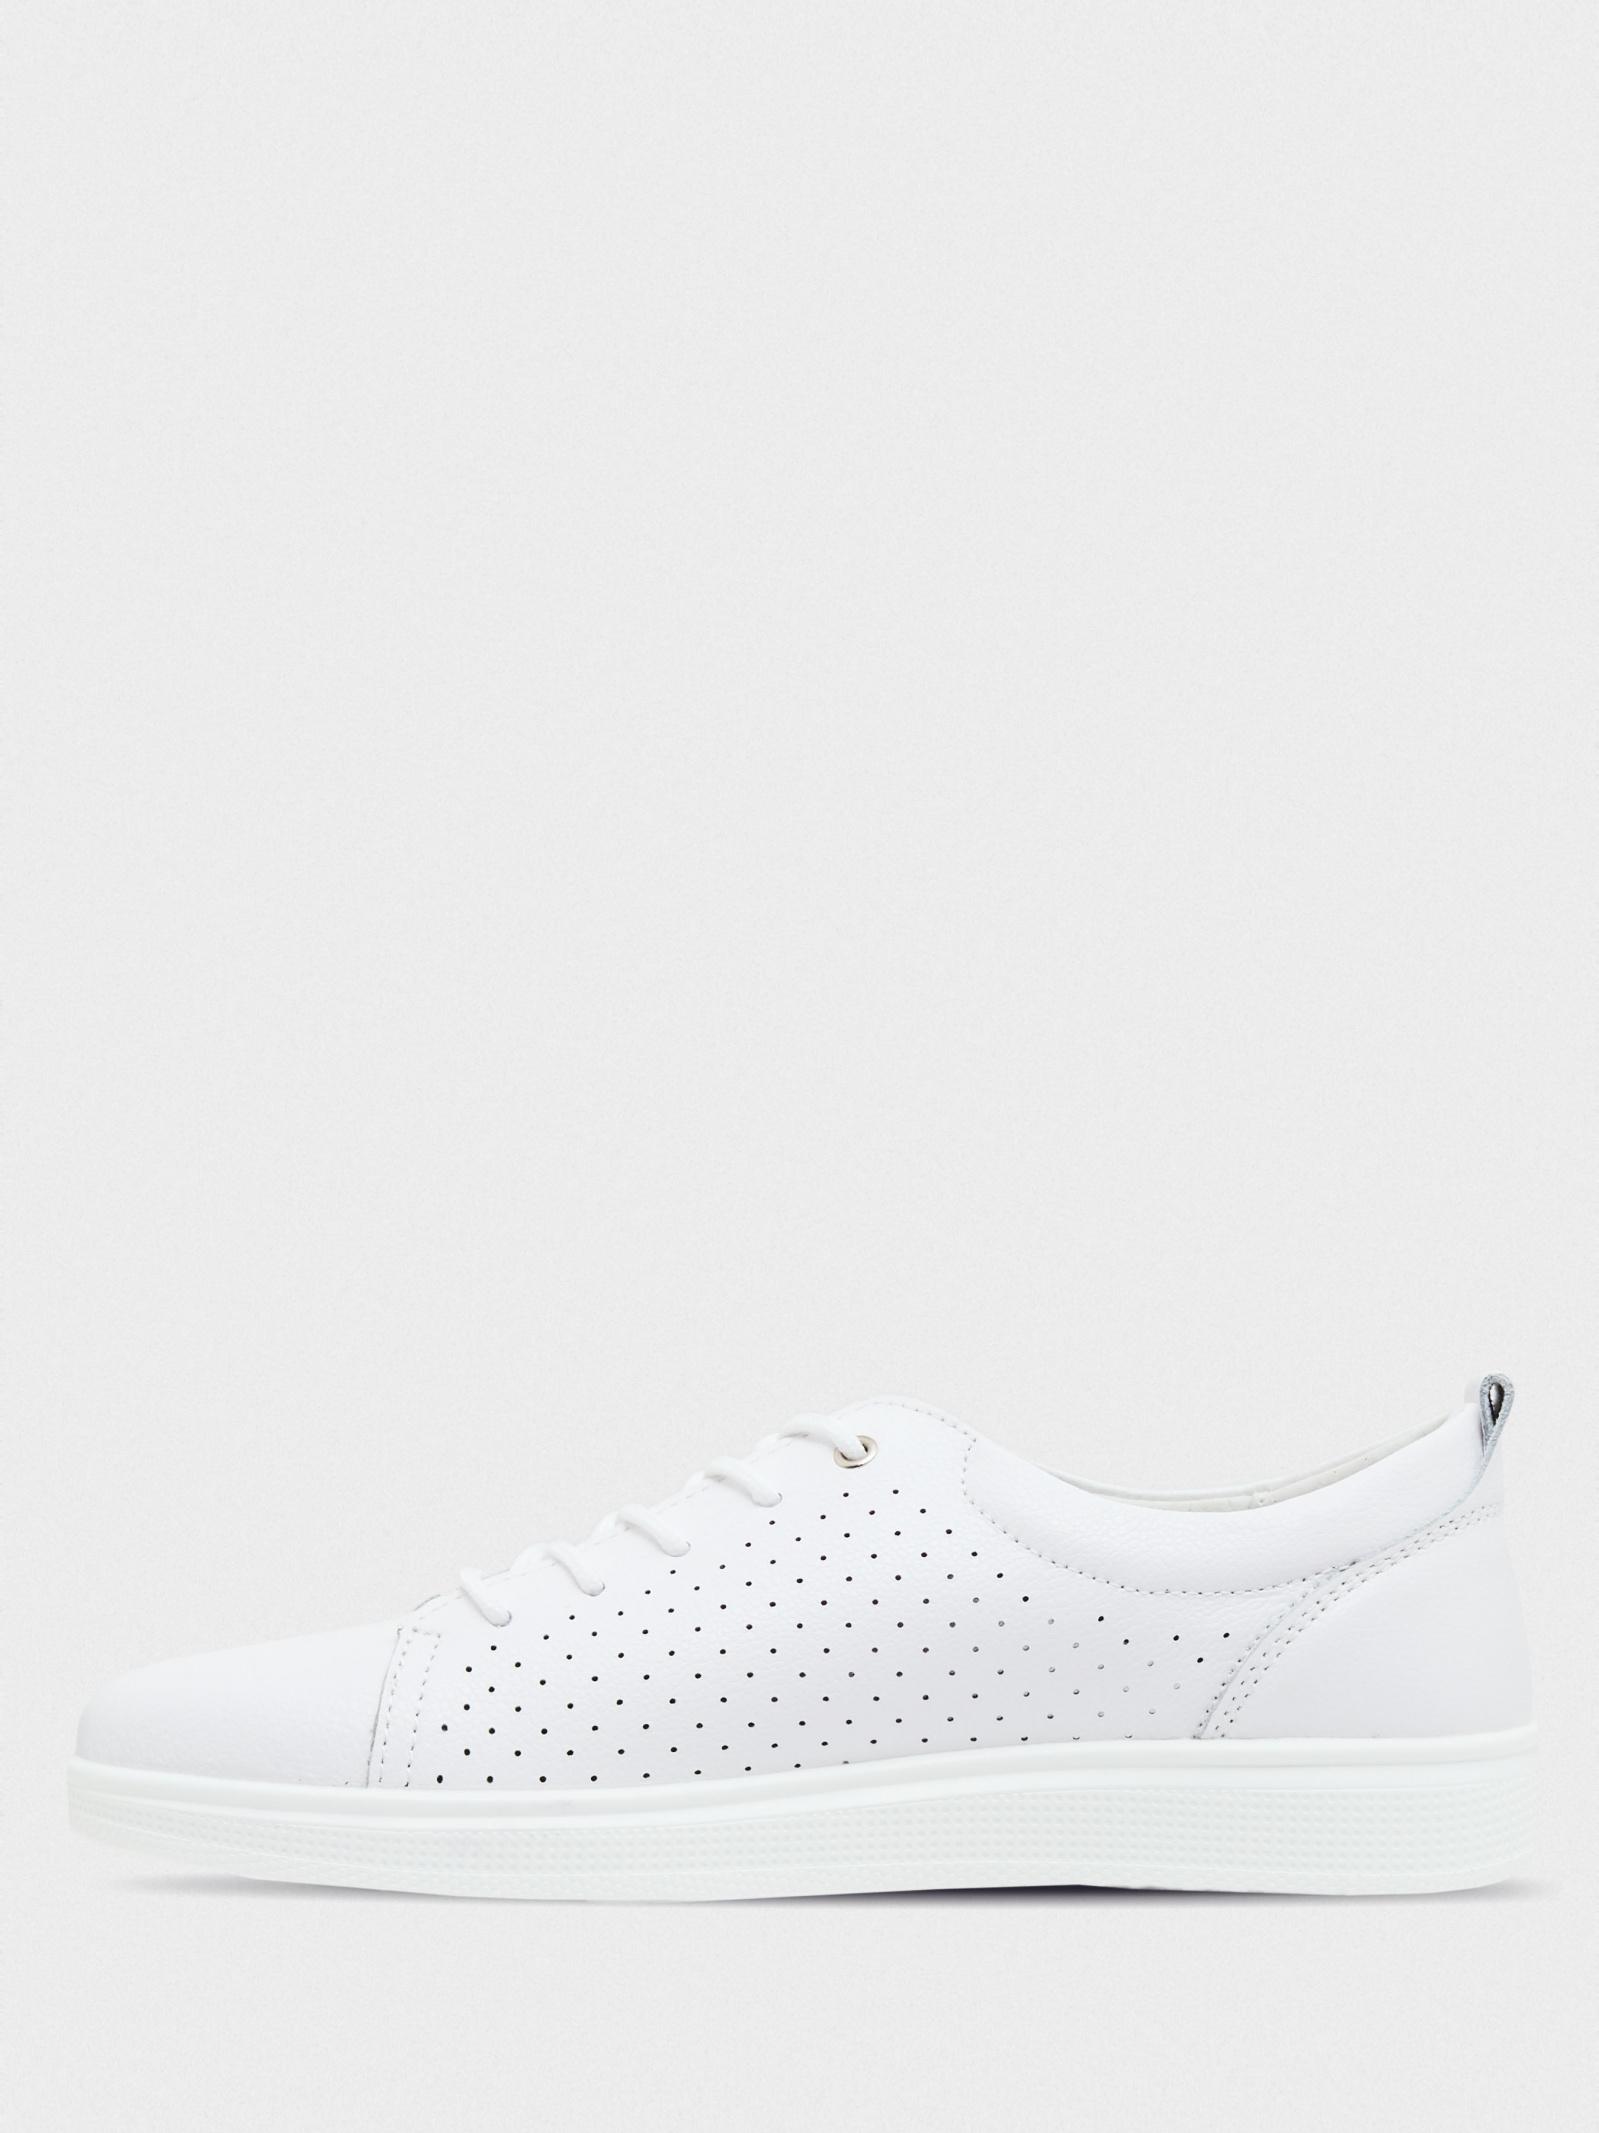 Кеды для женщин НОК Braska 214-0247/102 купить обувь, 2017